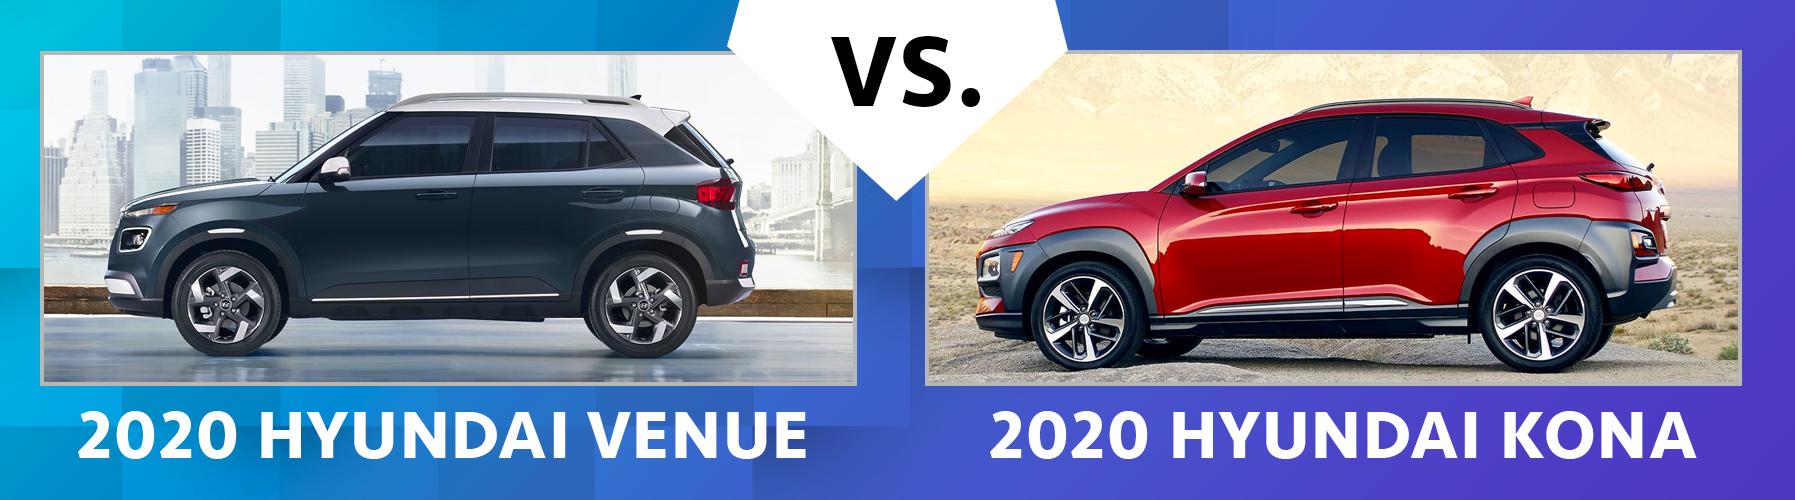 Contrast 2020 Hyundai Venue vs 2020 Hyundai Kona Chicago IL